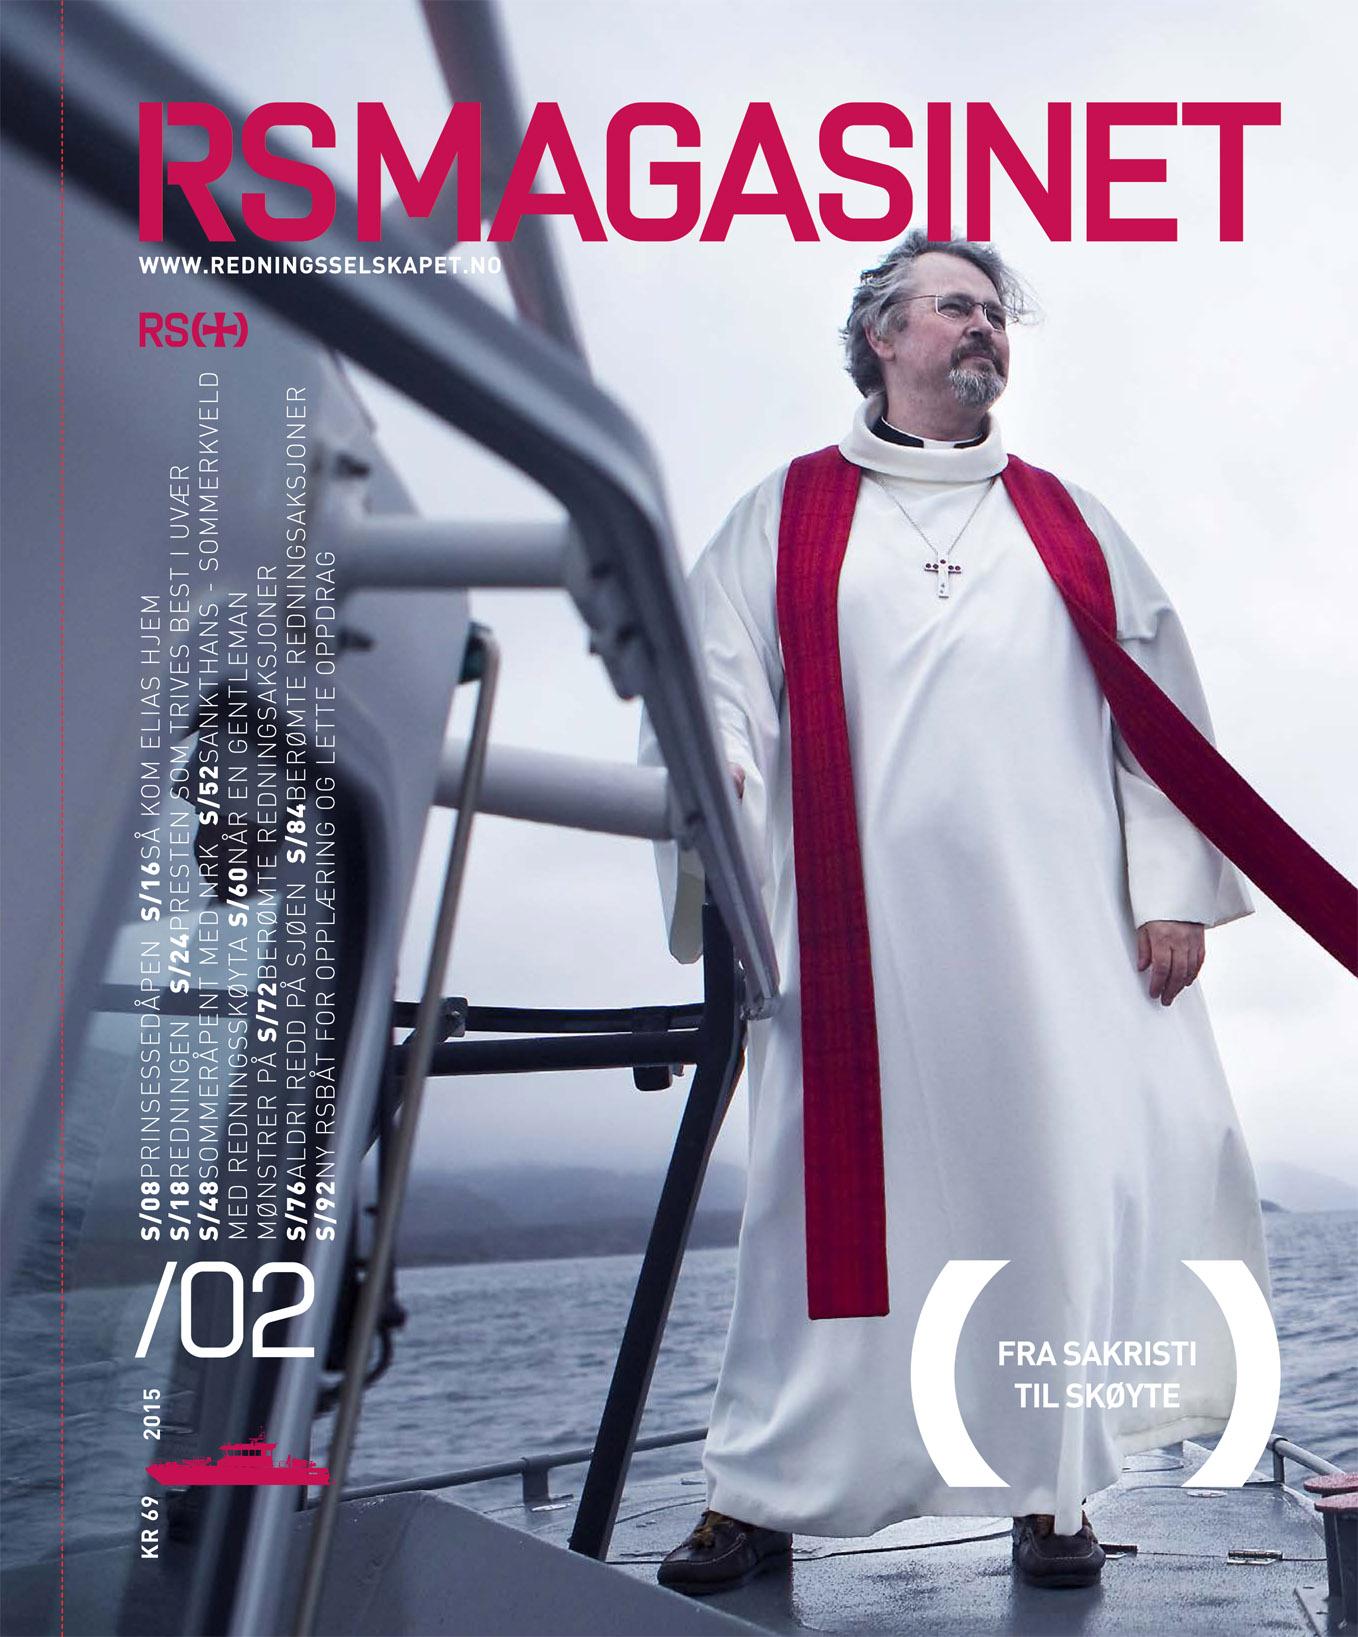 Cover story, Redningsselskapet´s magazine